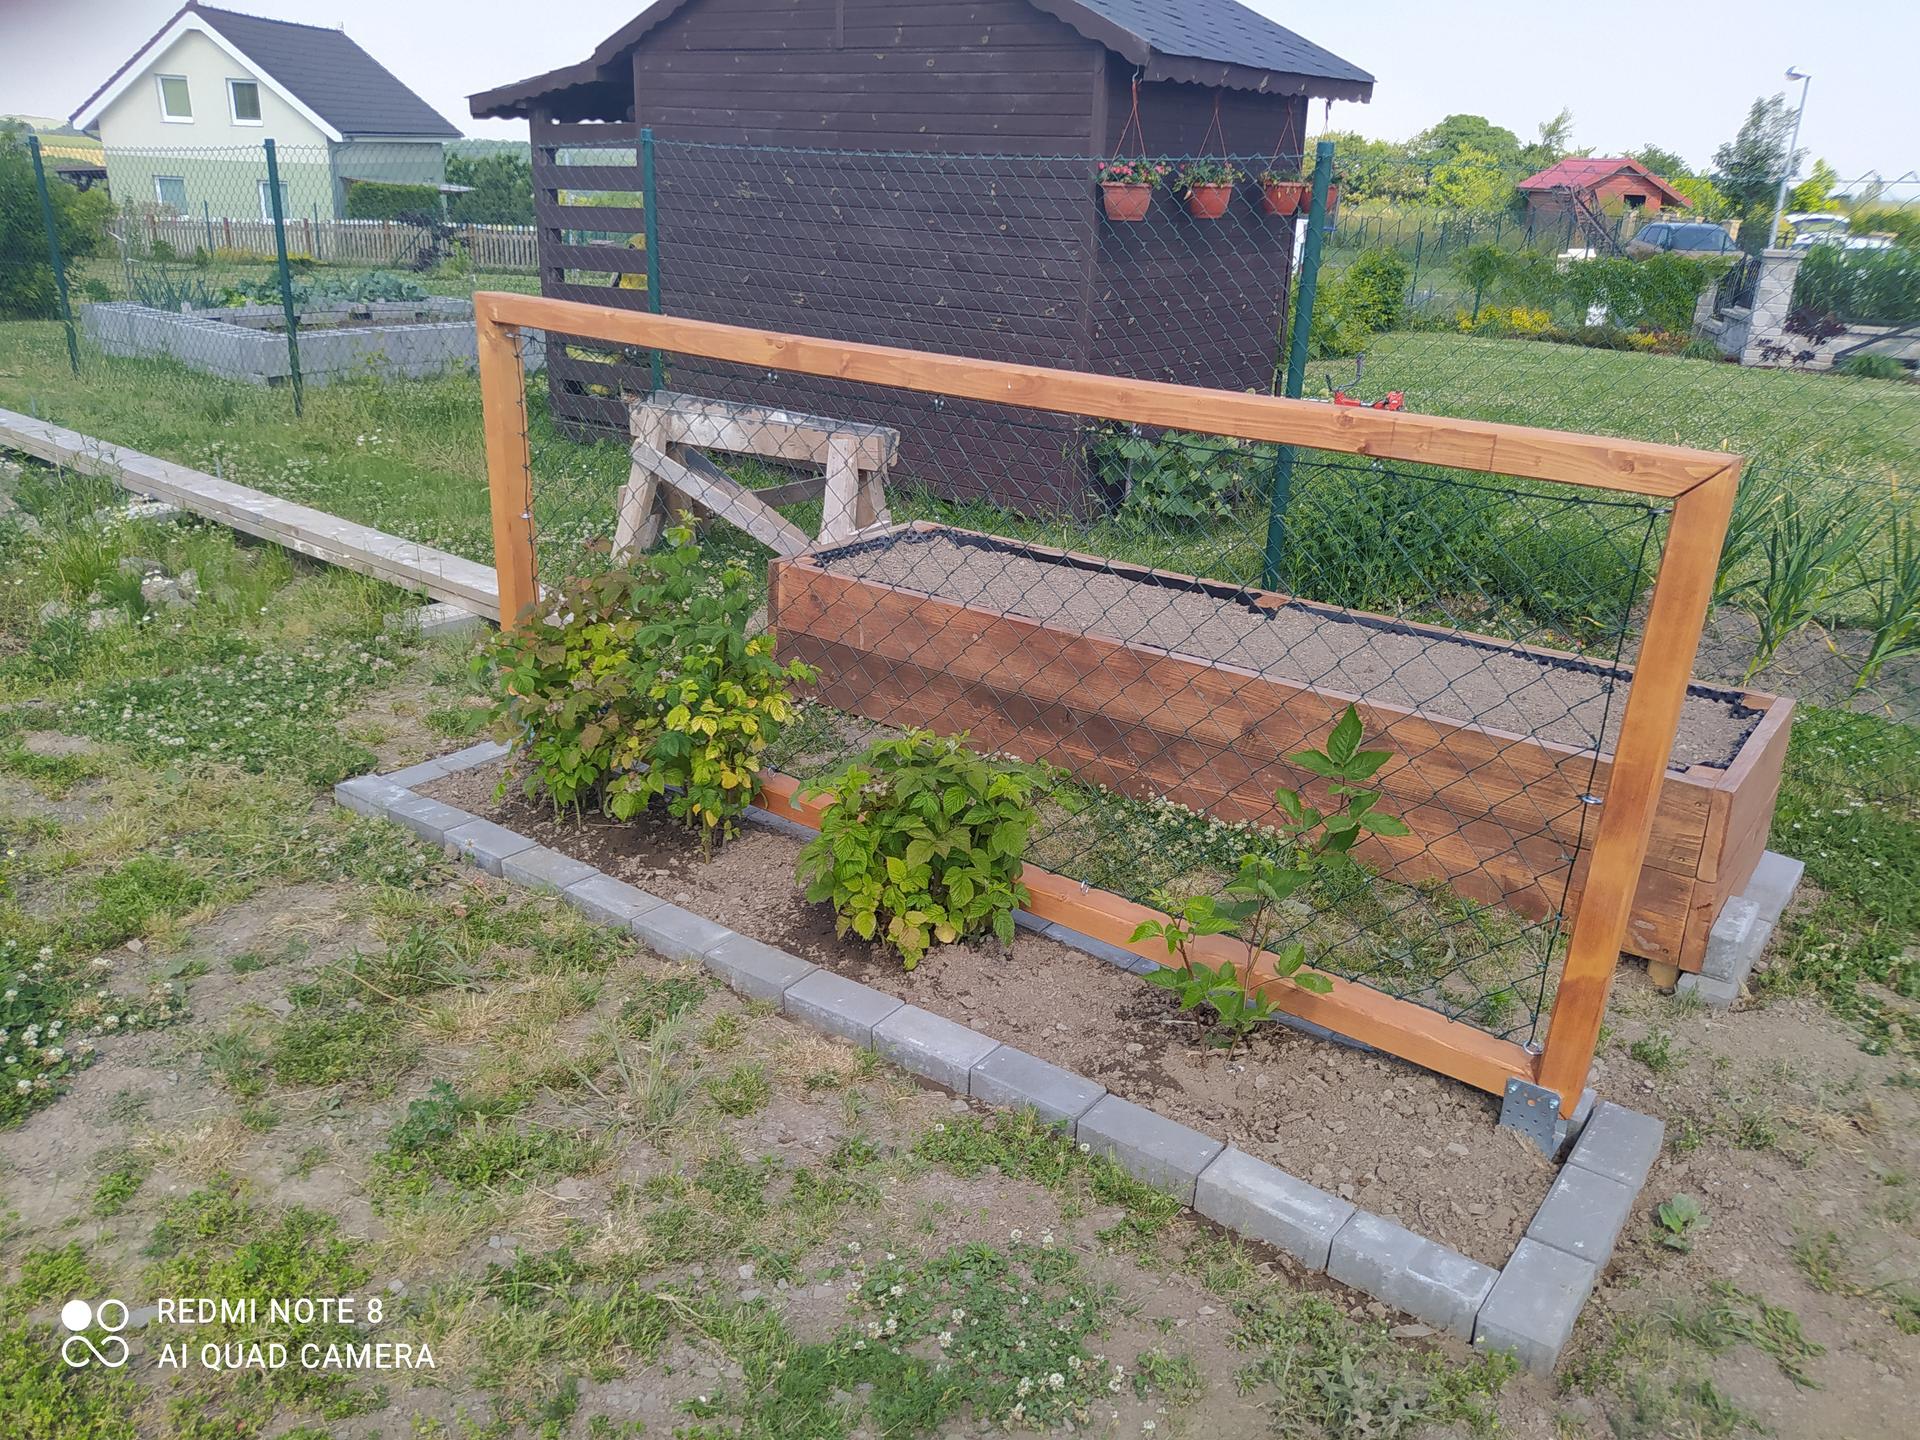 Zahrada a venkovní úpravy pokračujeme 2021 - Obrázek č. 9